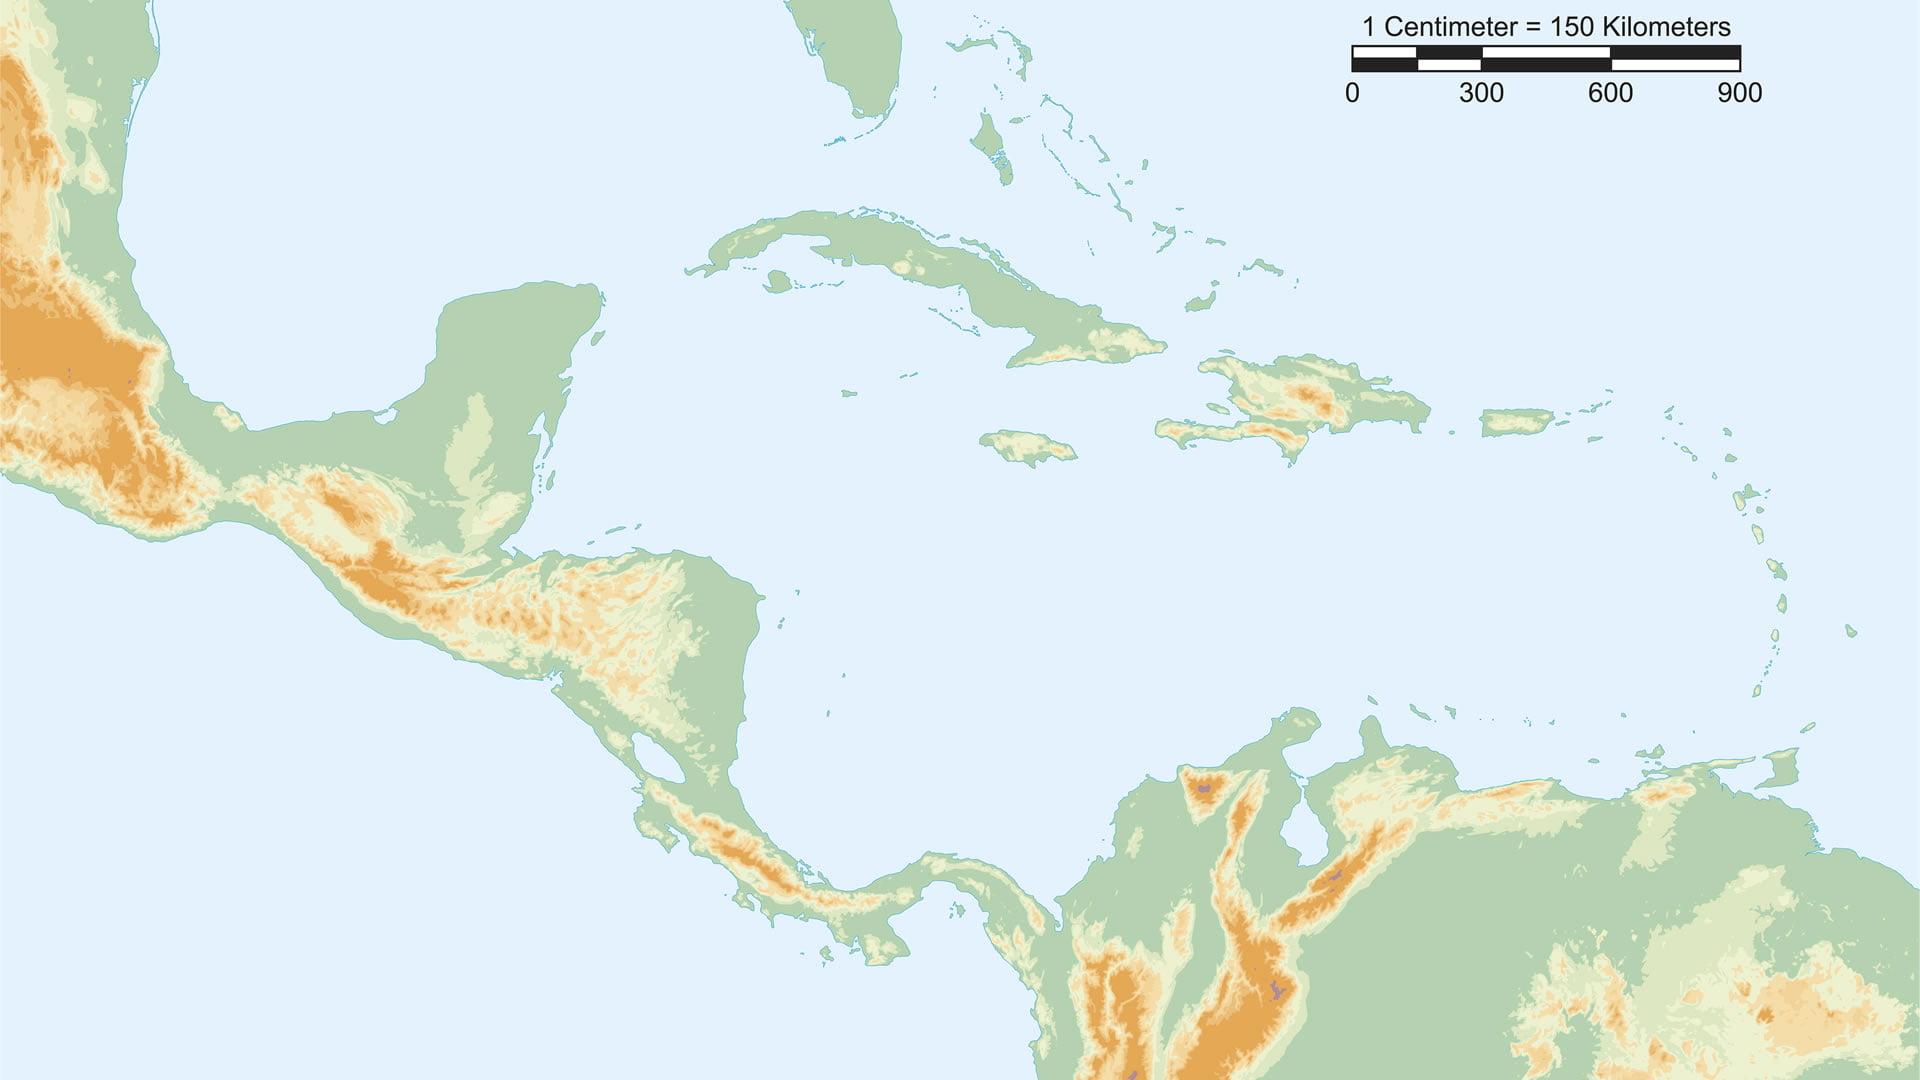 Mapa Politico De Centroamerica